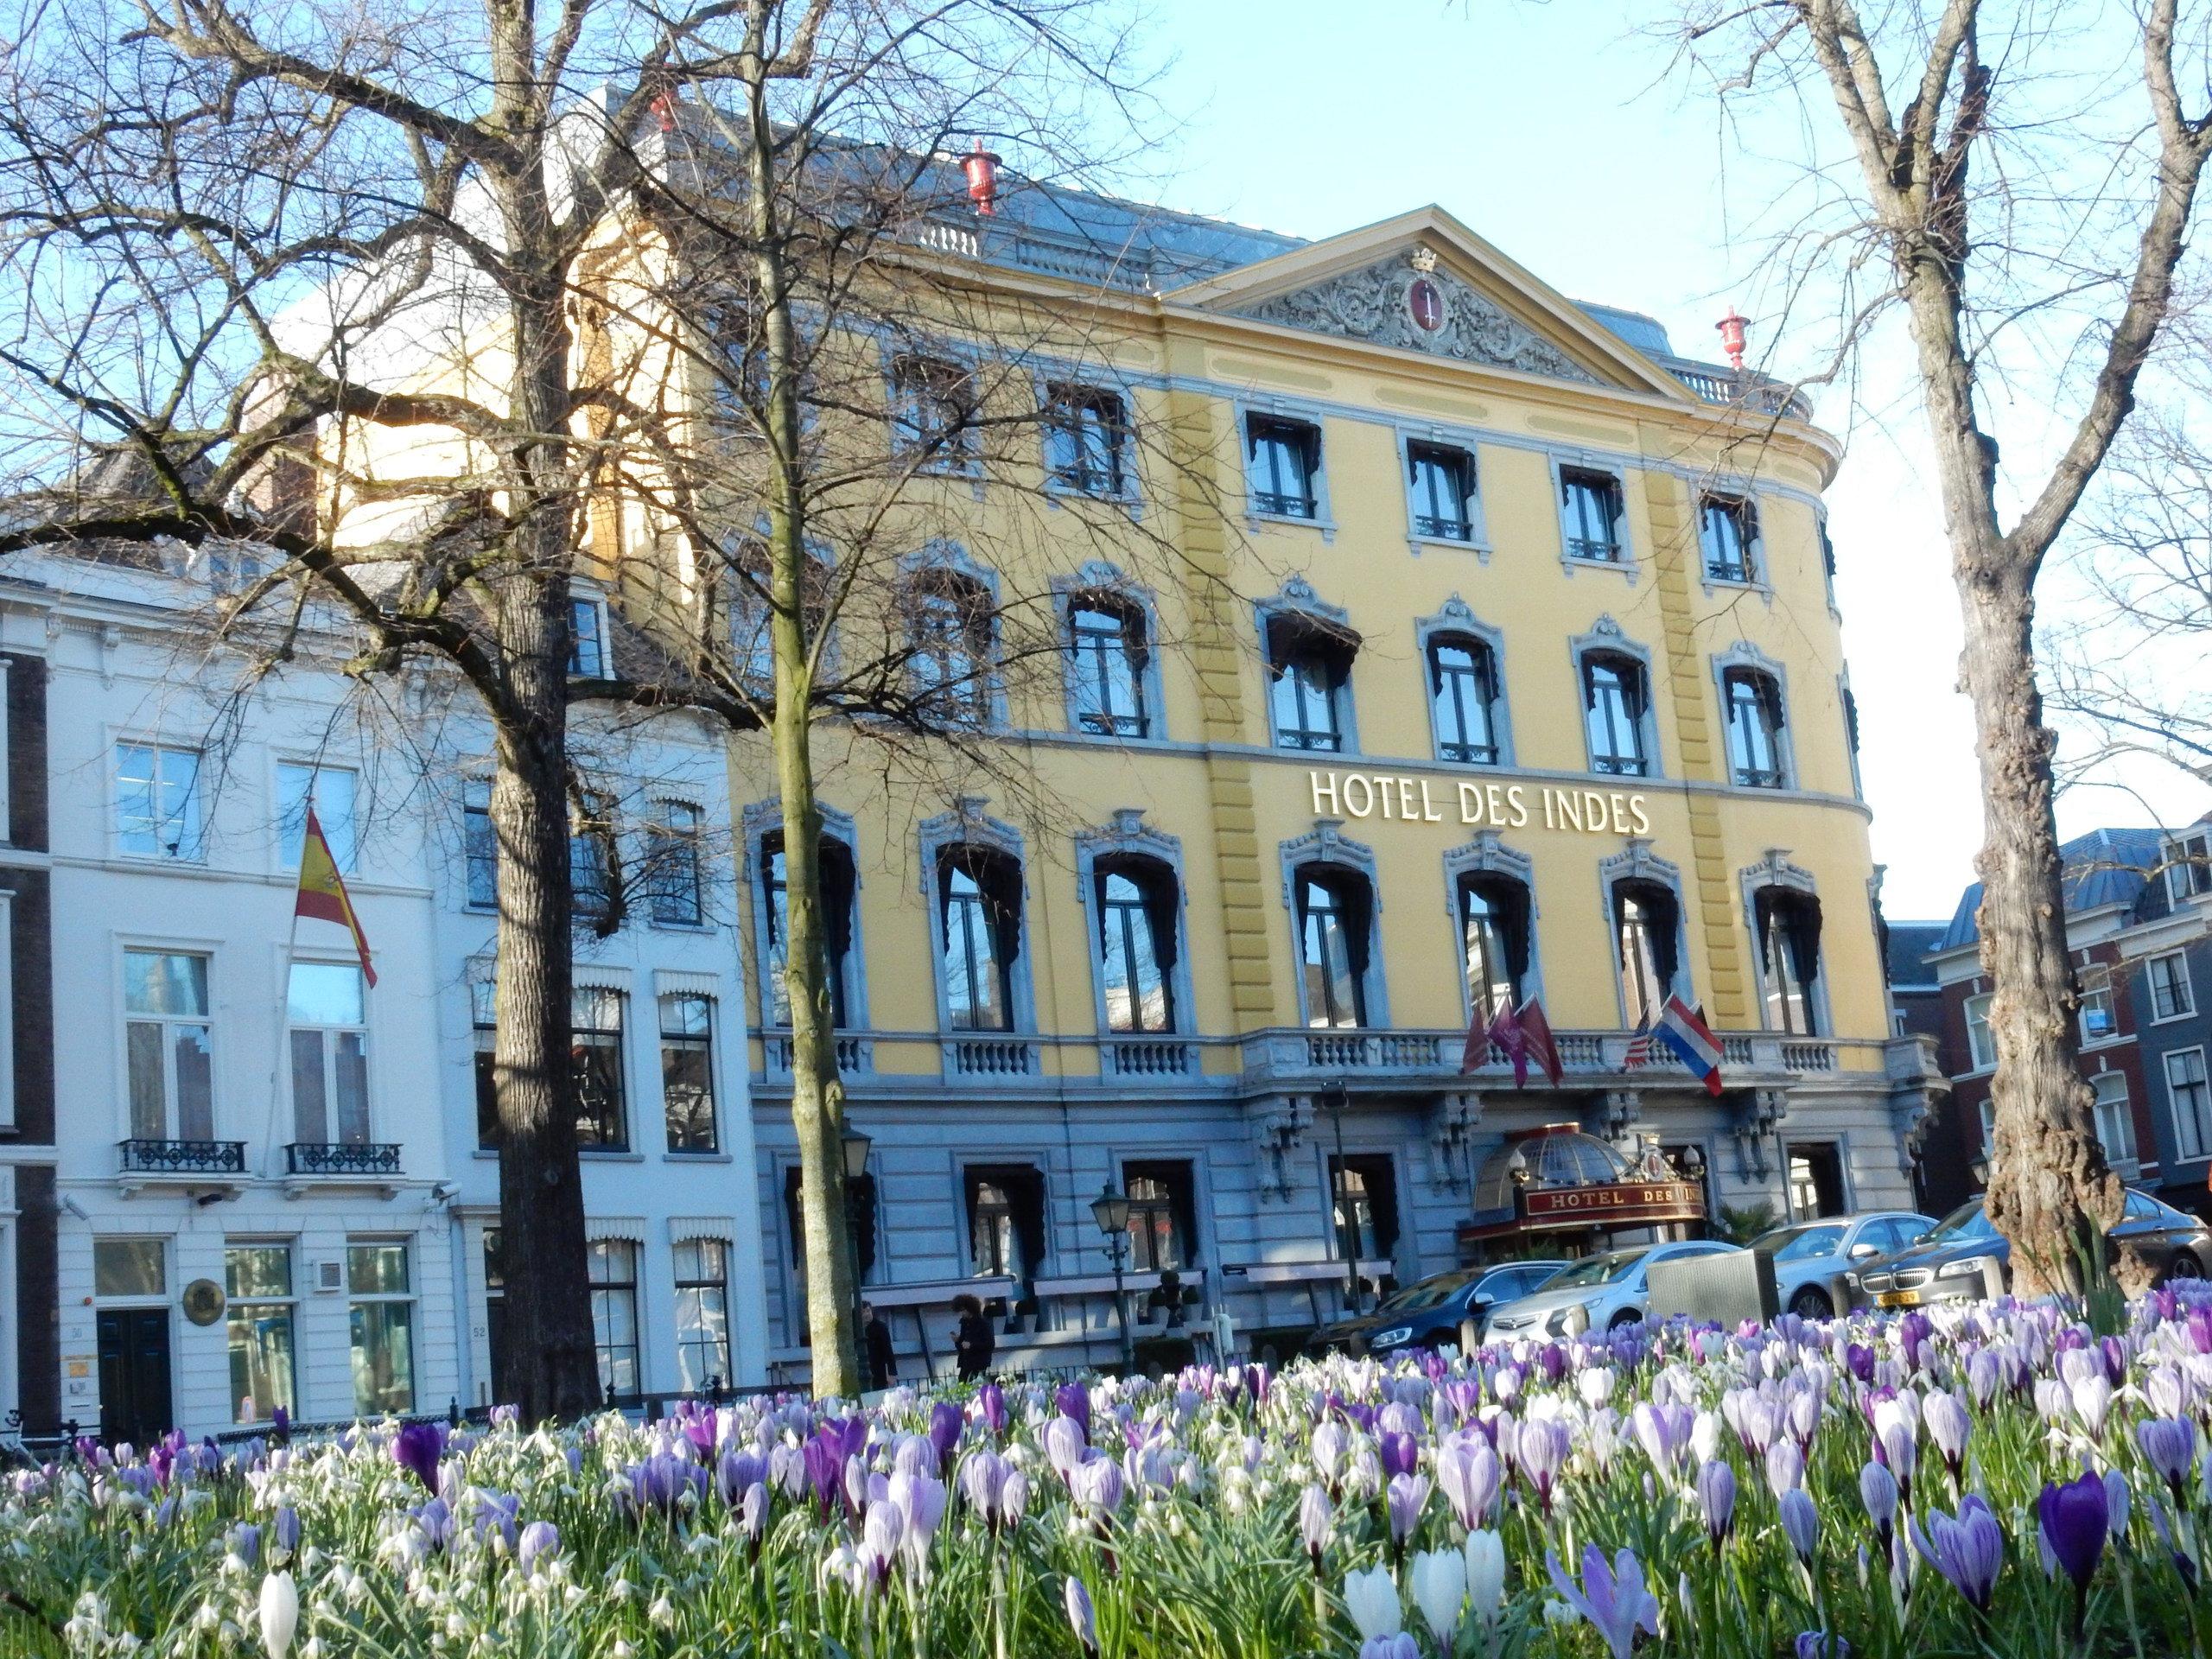 Stadswandeling Den Haag met gids 3